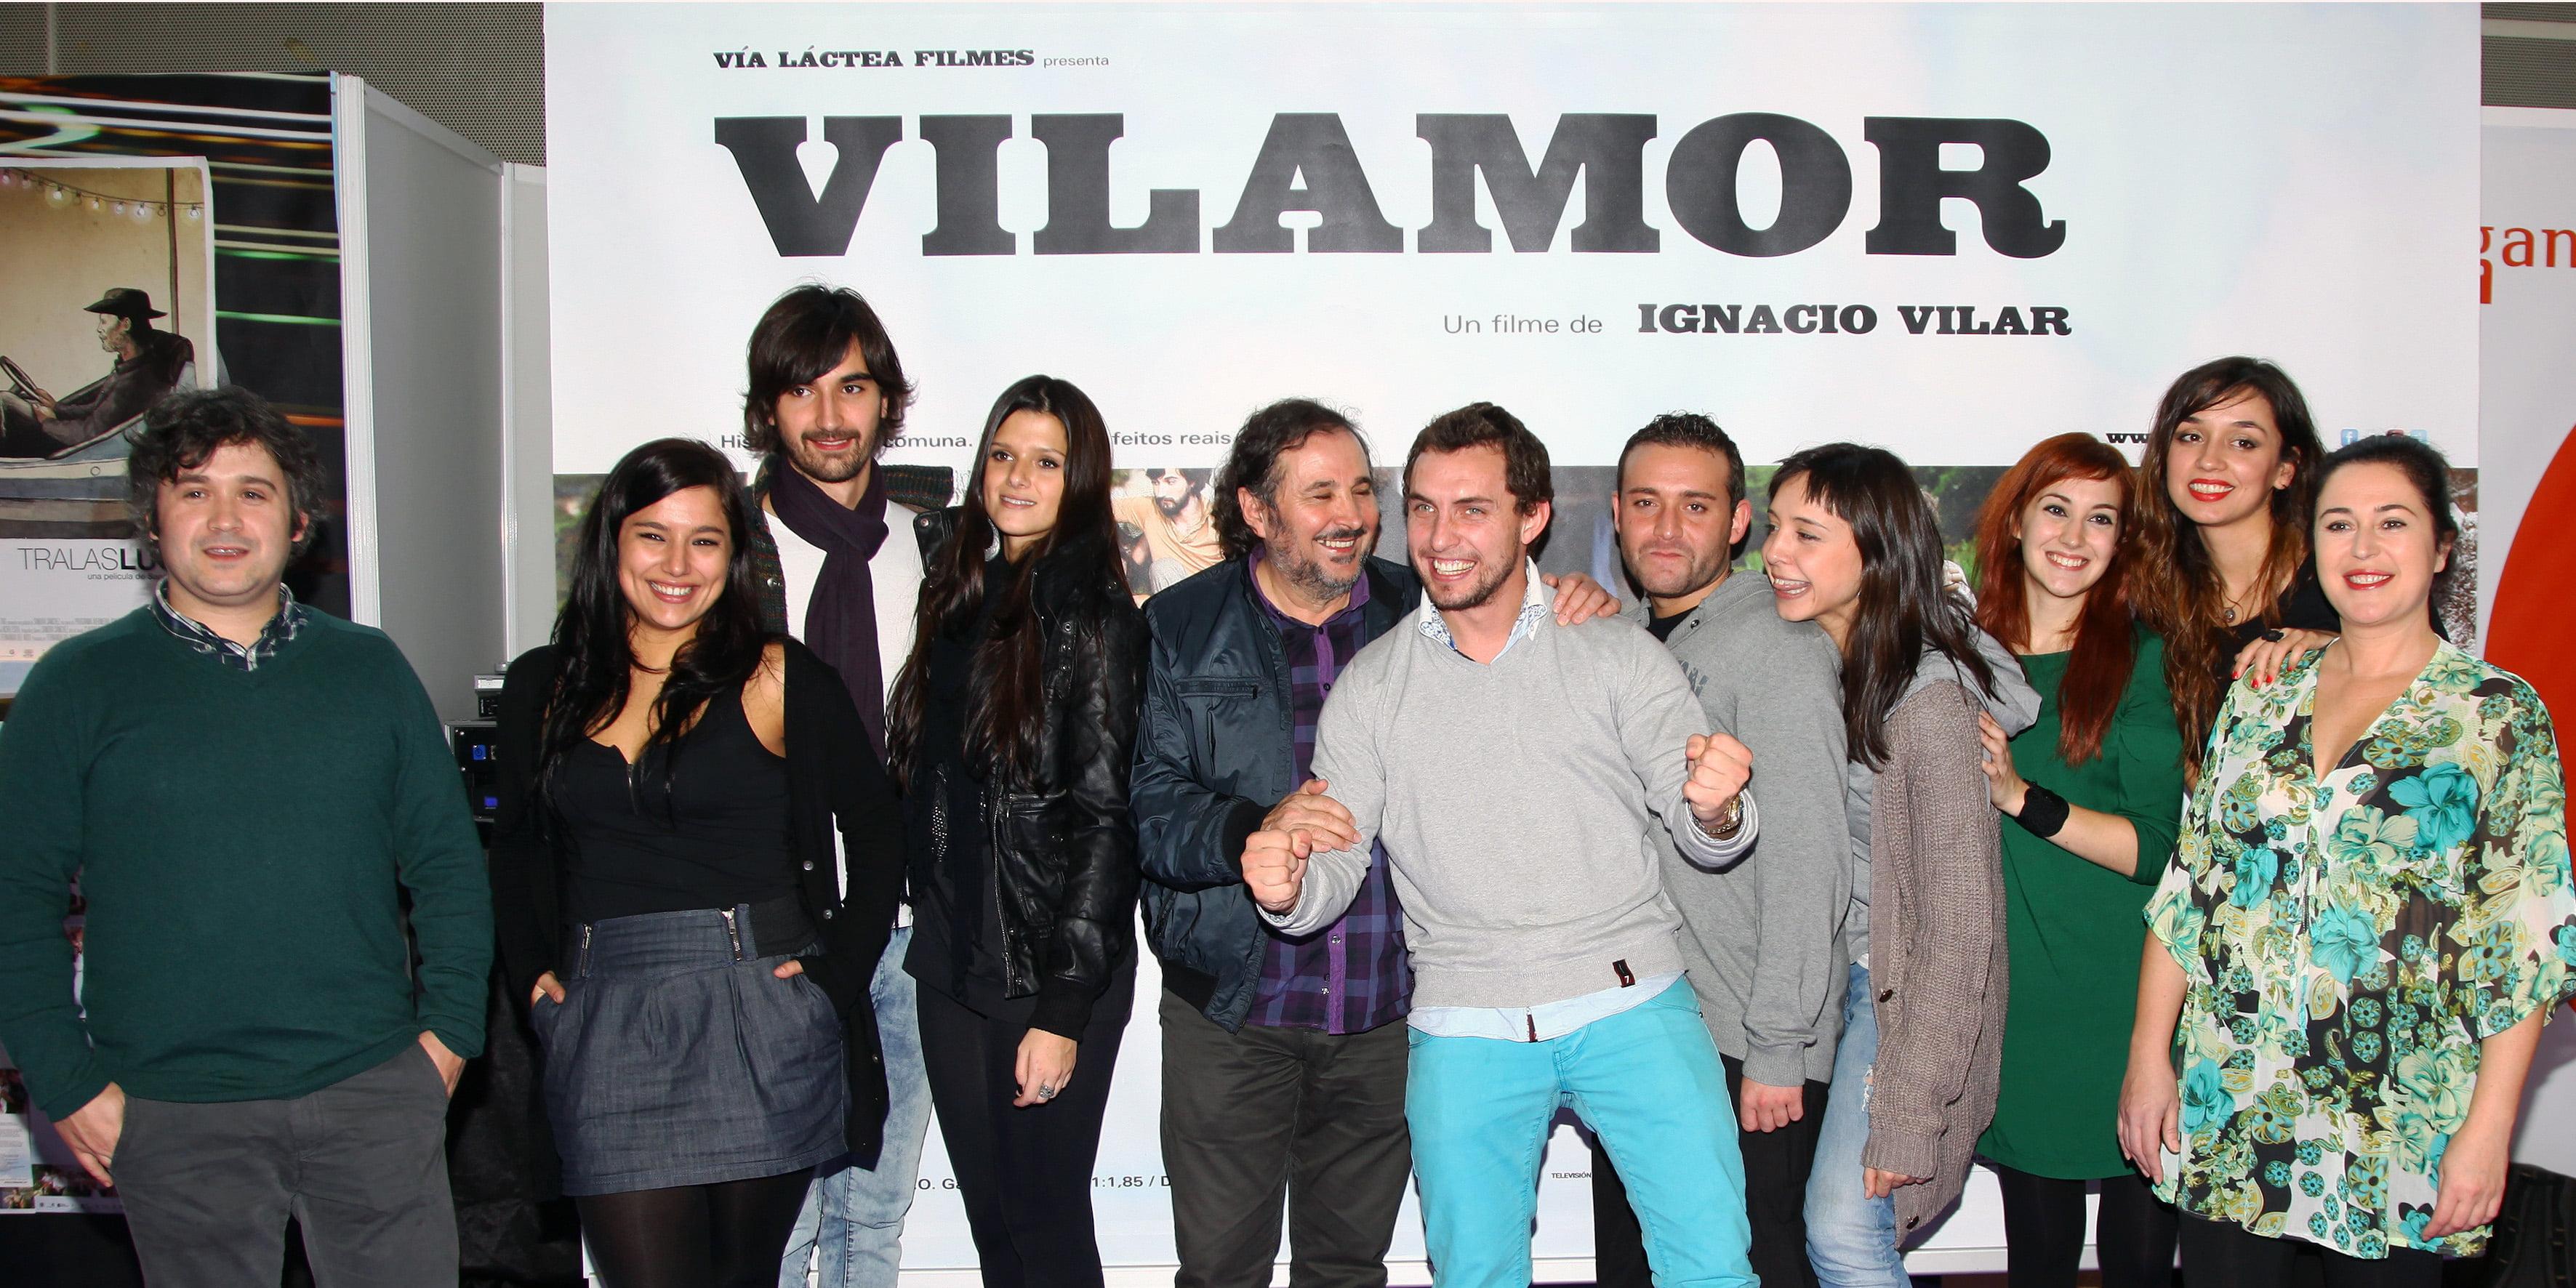 Vilamor: Unha película en Galego